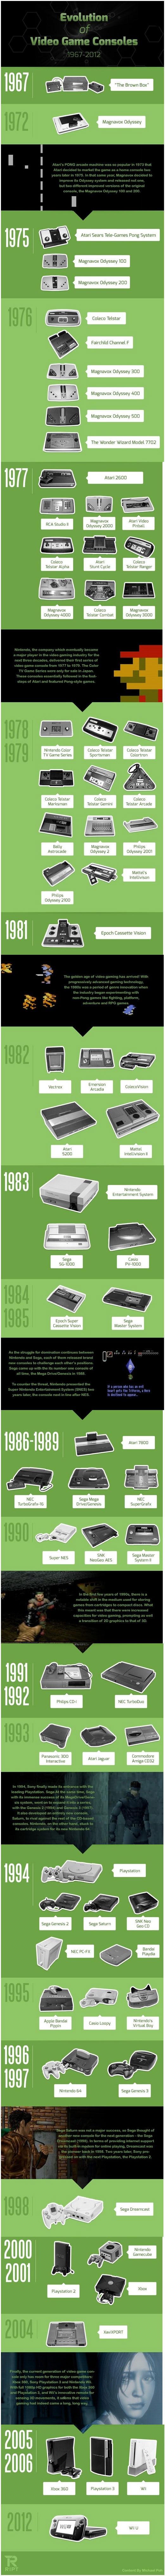 콘솔게임기의 역사